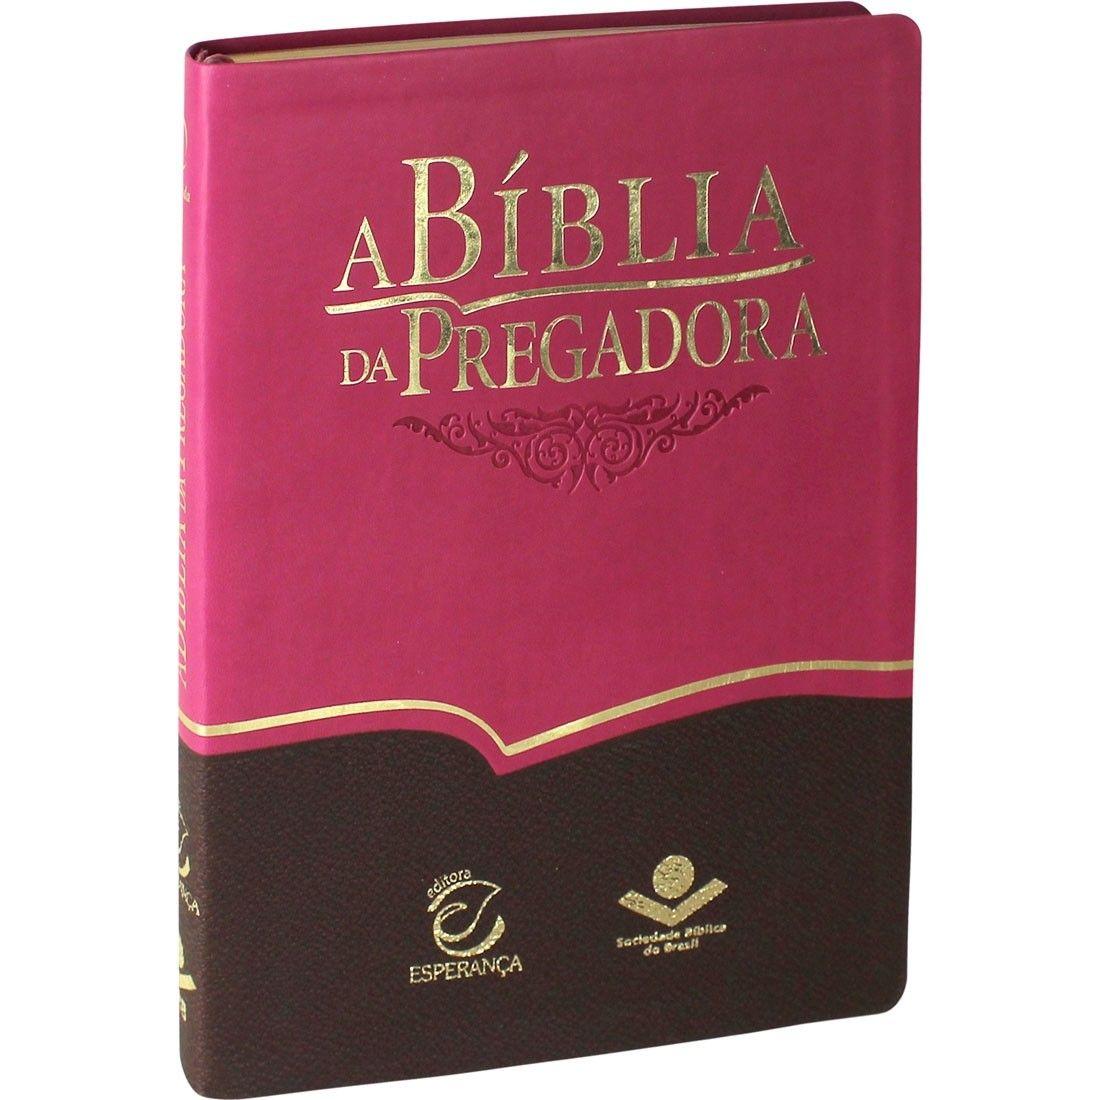 BÍBLIA DA PREGADORA - ROSA E MARROM